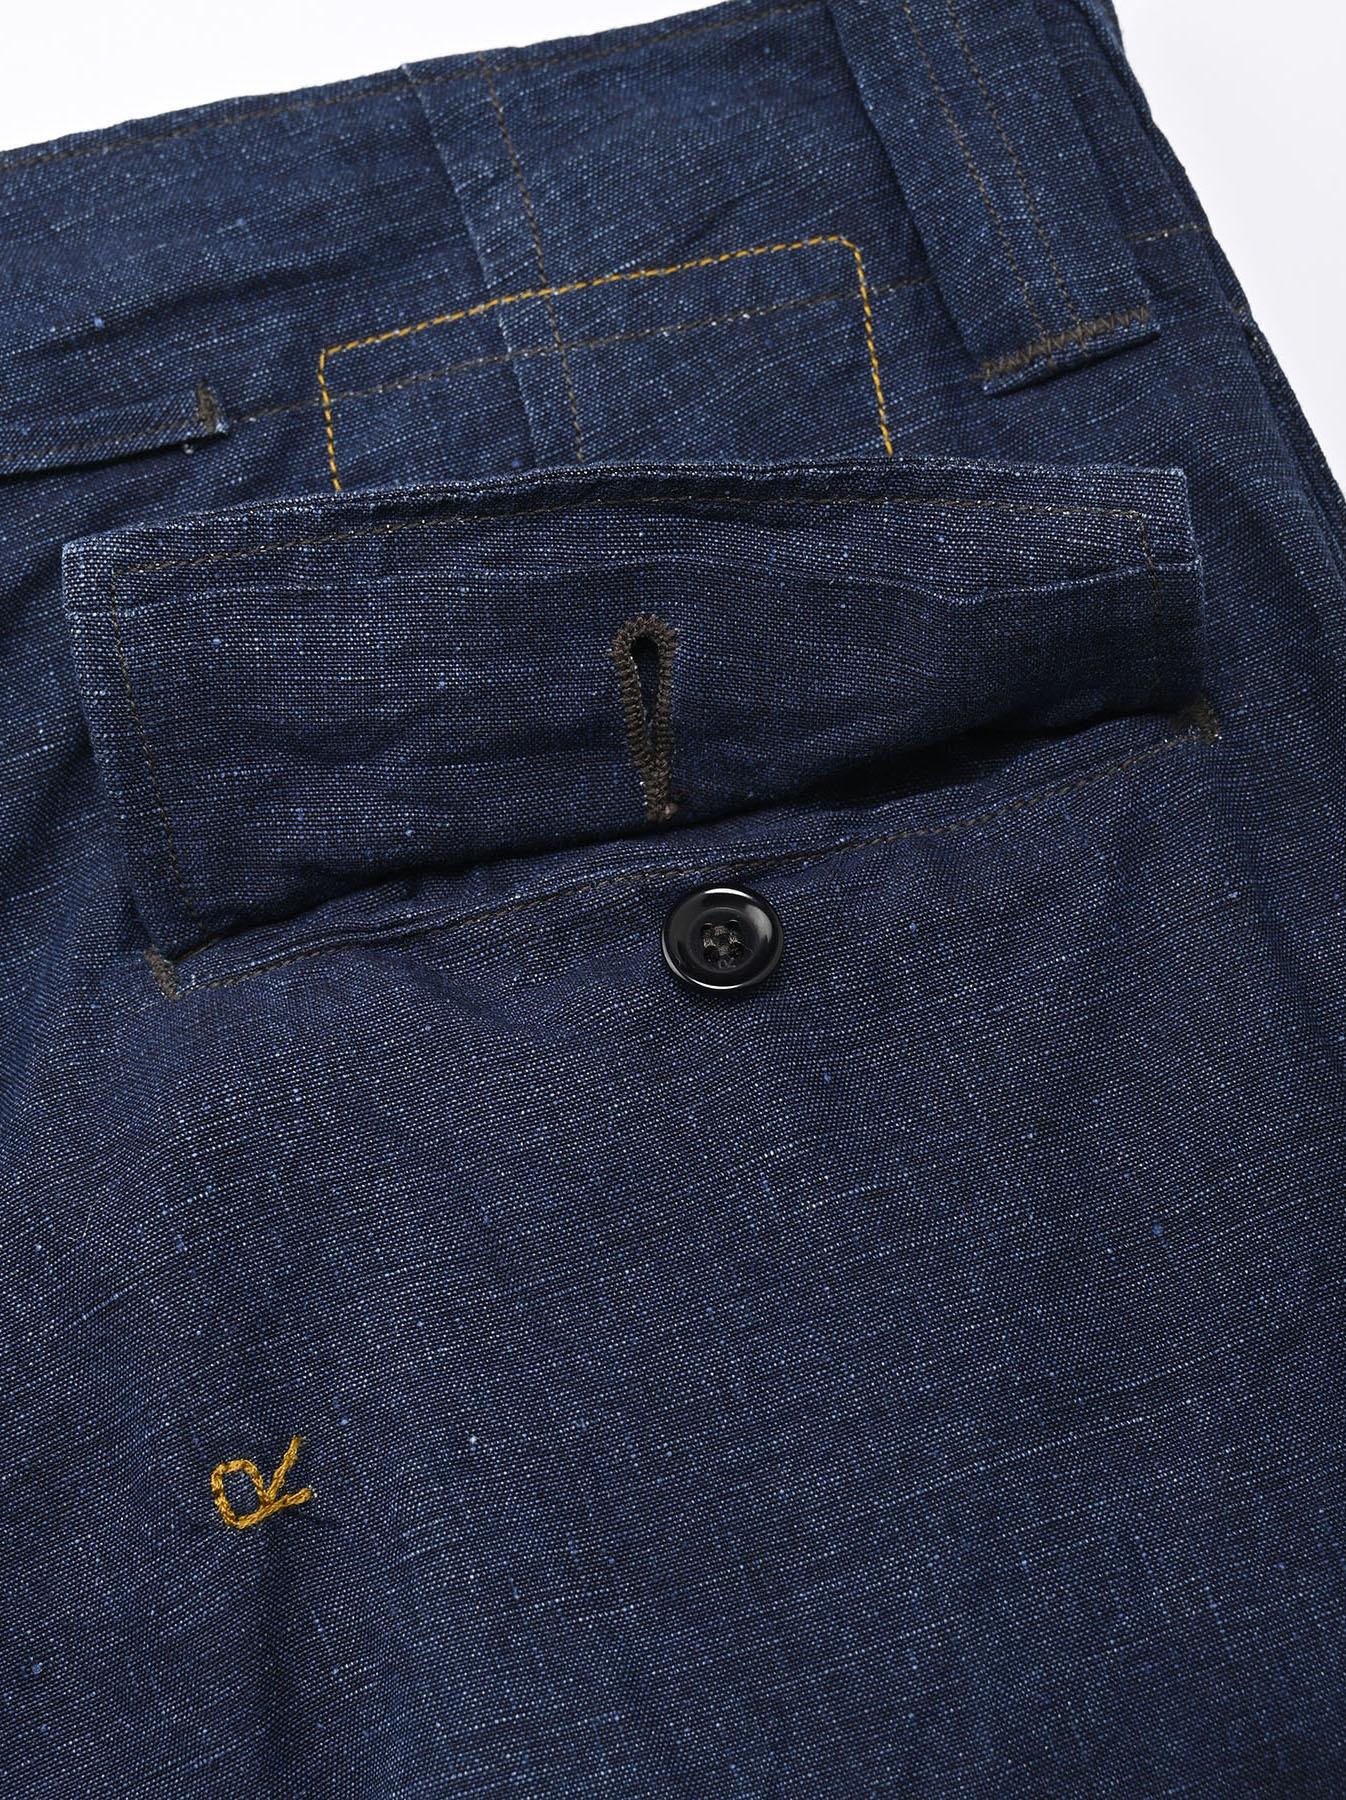 Indigo Nou Linen 908 Easy Sail Pants (0721)-8